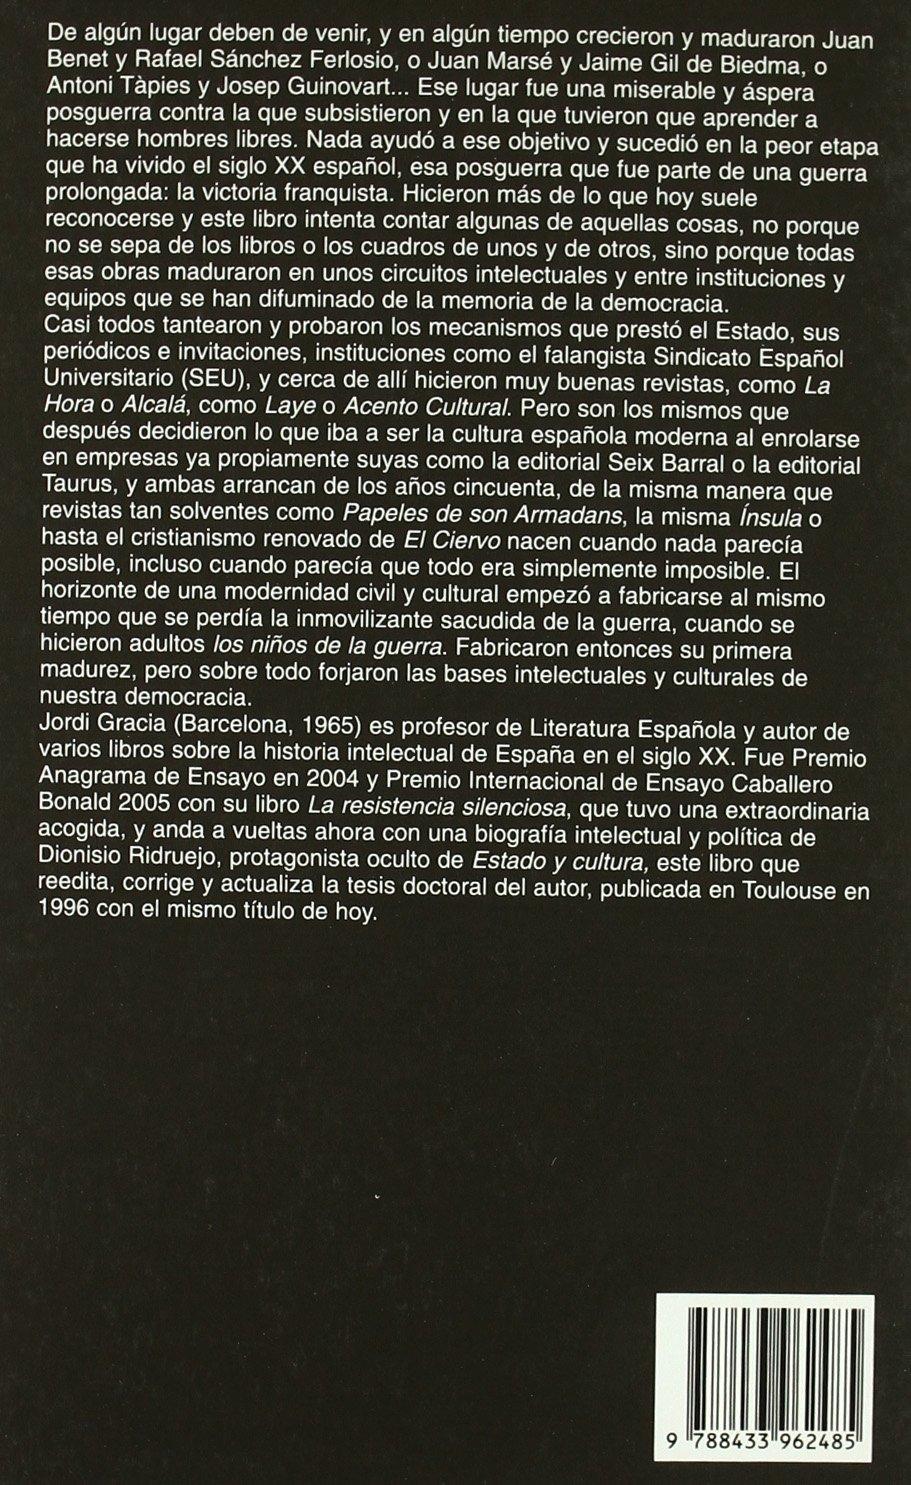 Estado y cultura: El despertar de una conciencia crítica bajo el franquismo, 1940-1962 Argumentos: Amazon.es: Gracia, Jordi: Libros